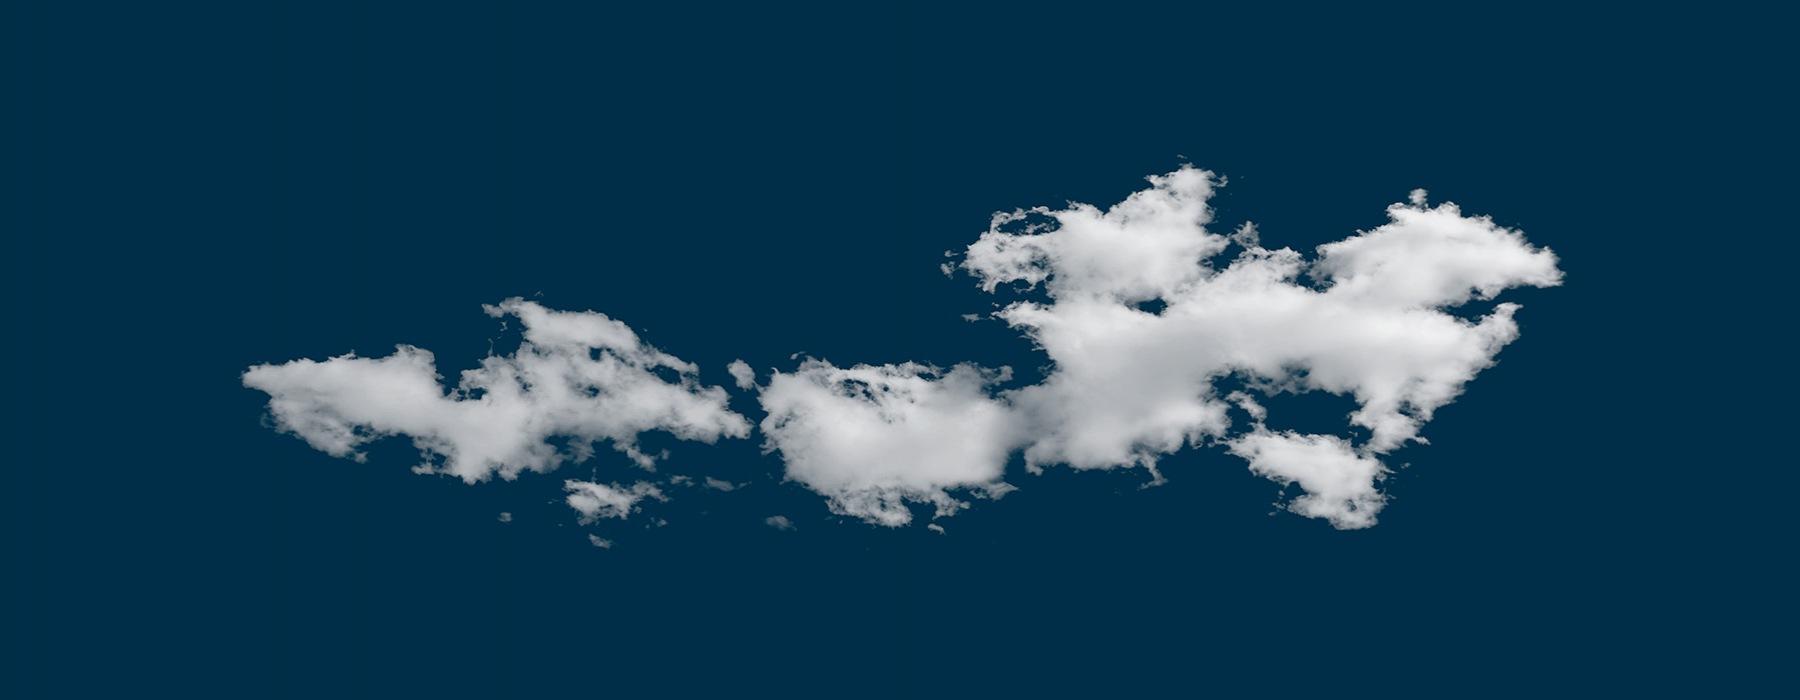 Clouds in sky - j sol apartments ballston arlington va